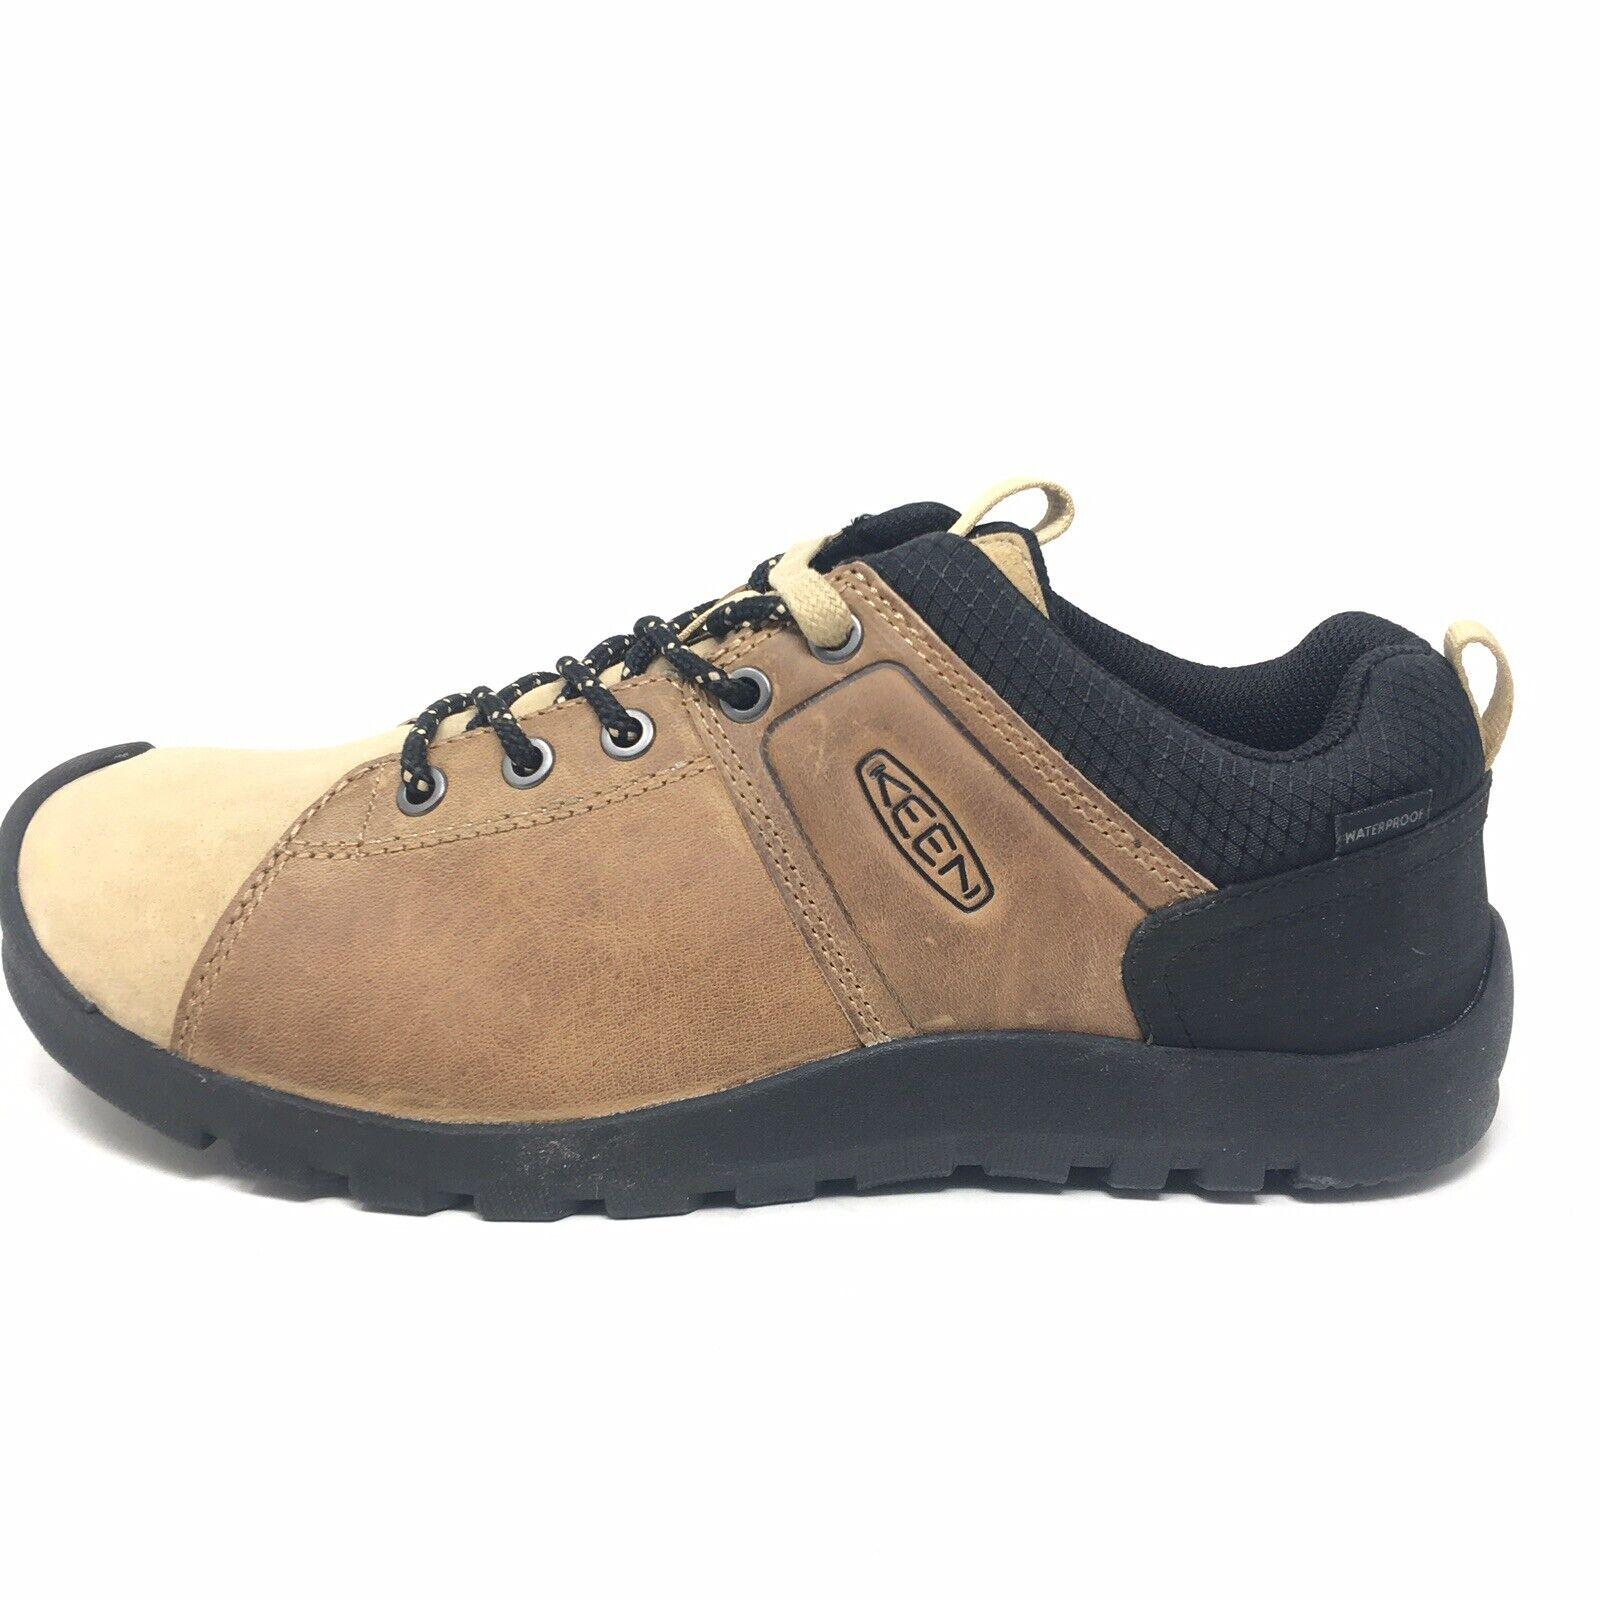 Keen ciudadano Impermeable Para Senderismo y zapatos deportivos para hombre m  Marrón